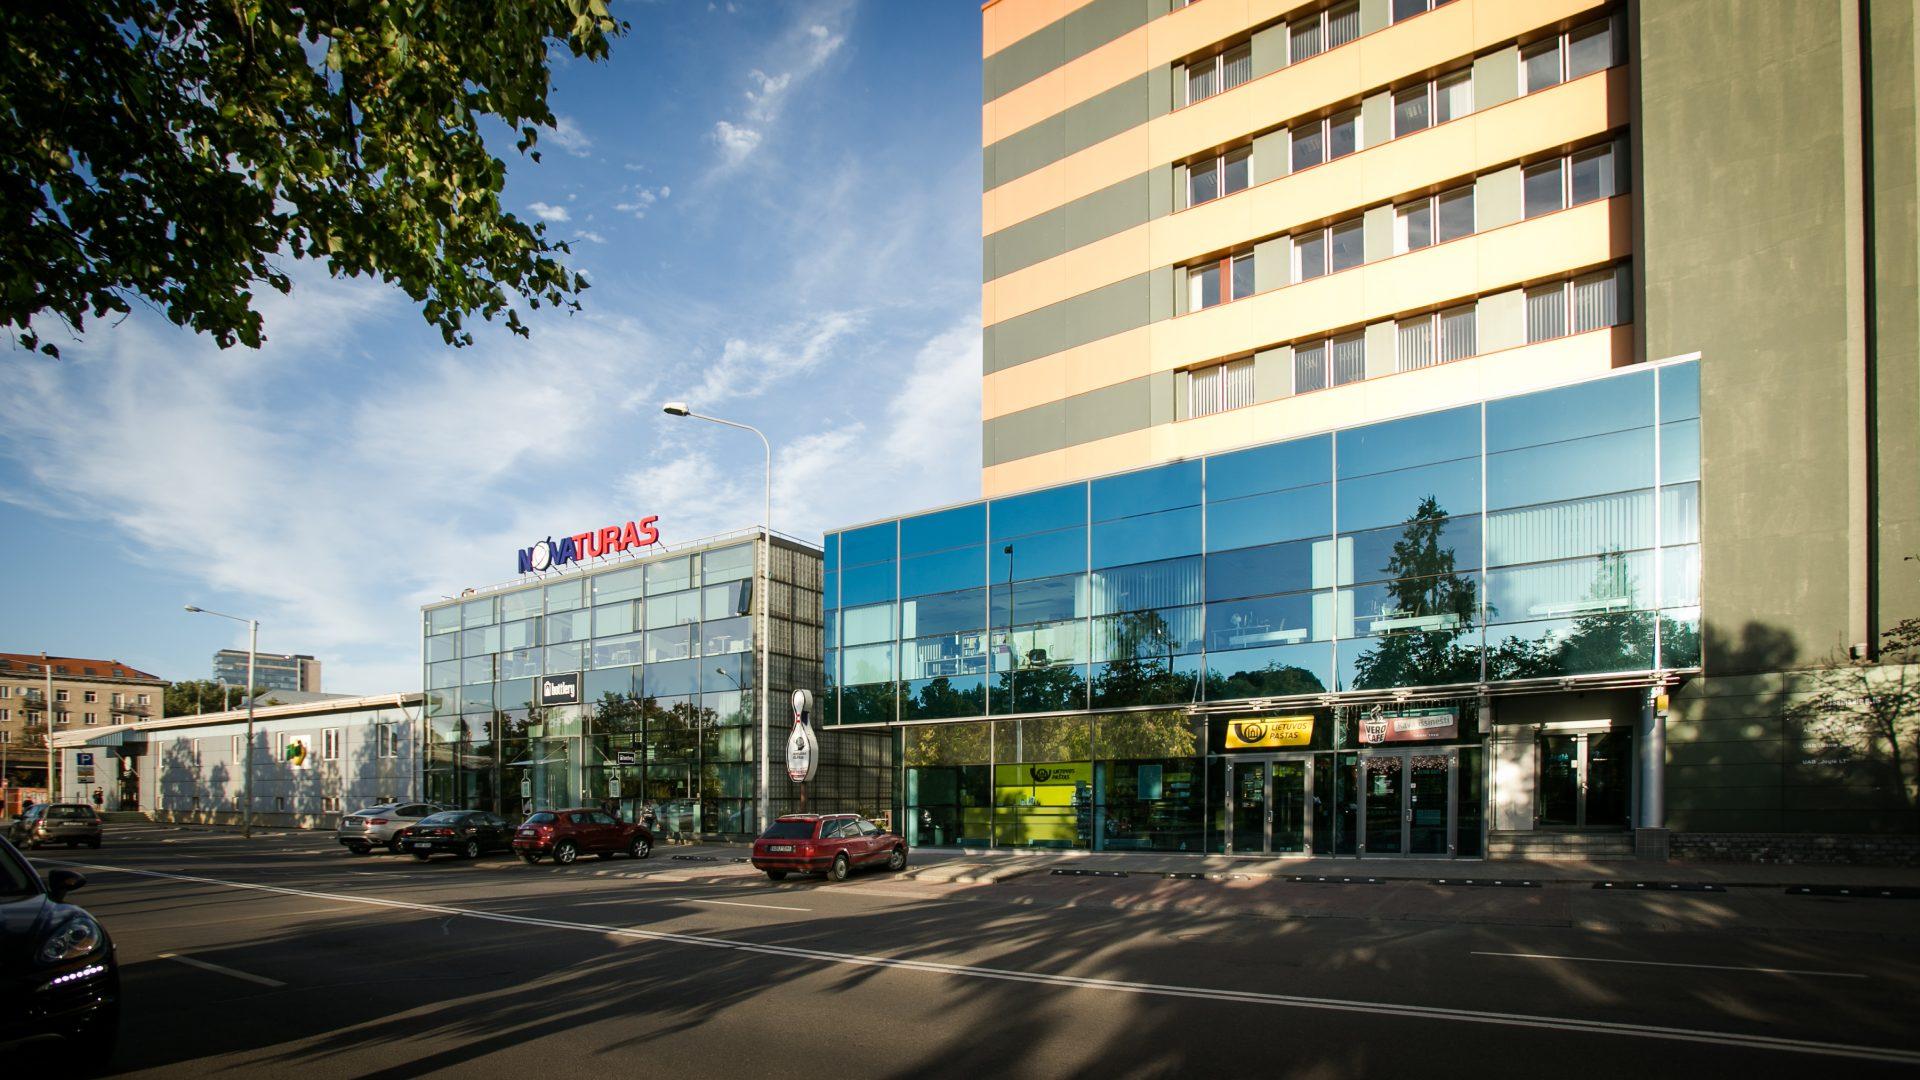 Biurų pastato J. Jasinskio g. 16, Vilnius statybos darbai